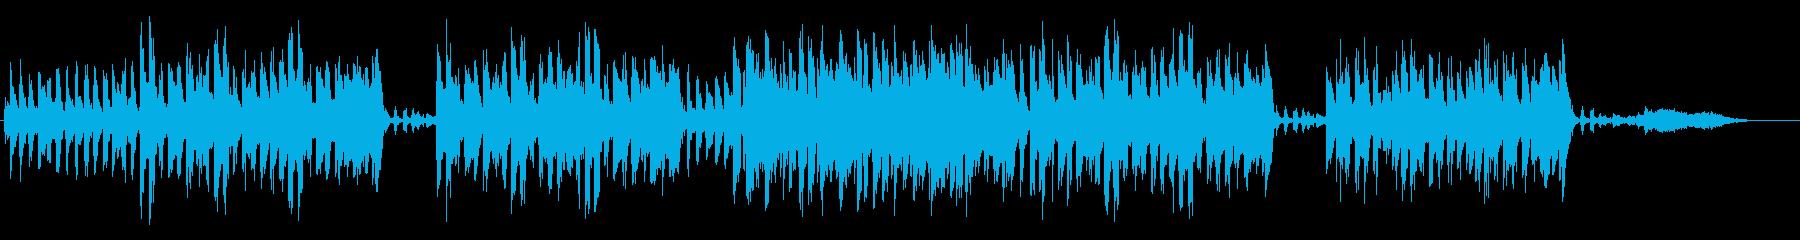 口笛が印象的なリラックスソングの再生済みの波形